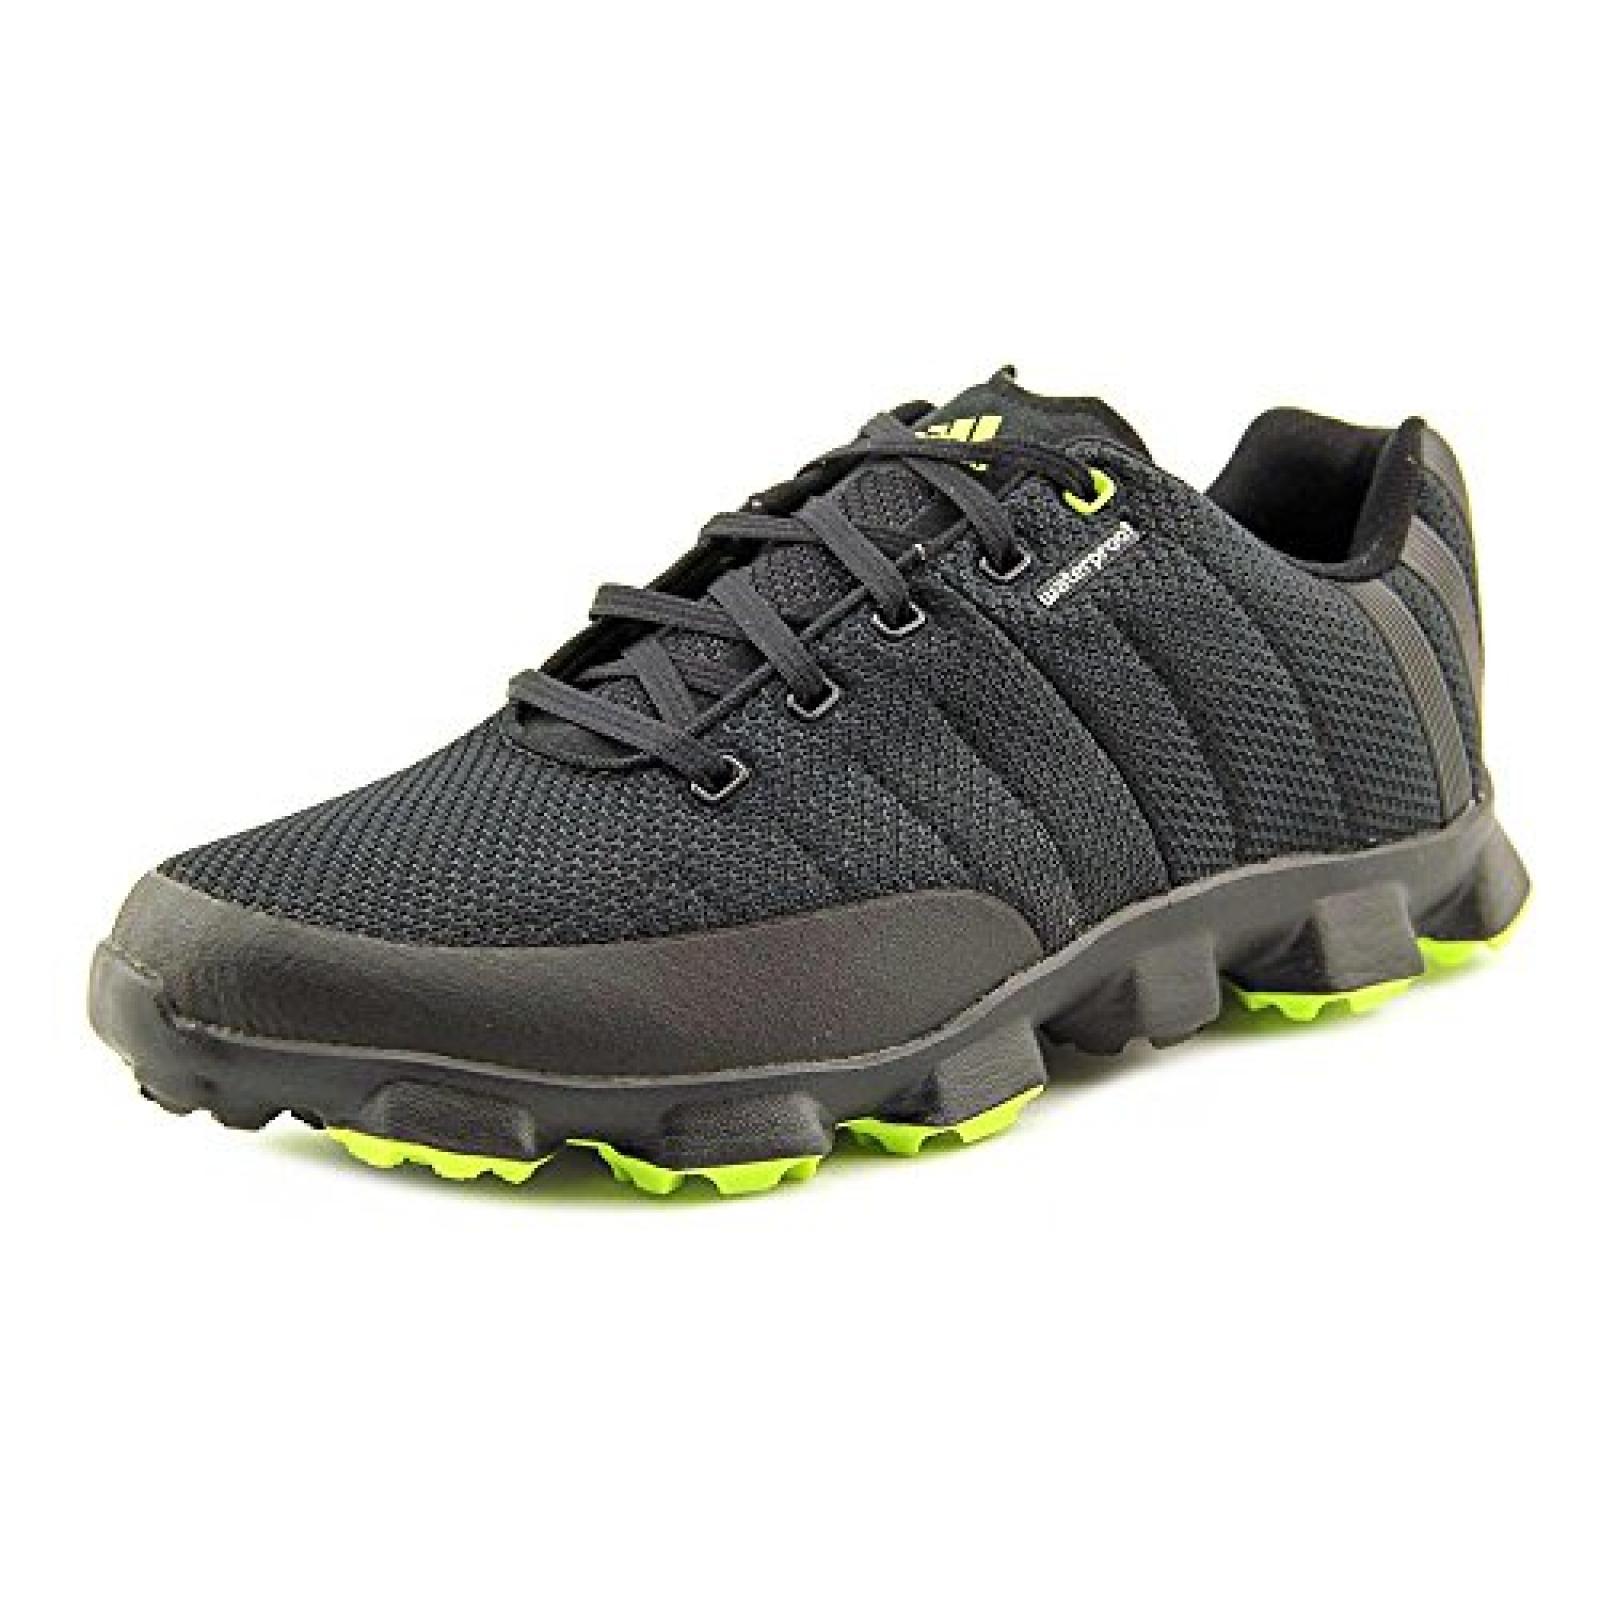 Adidas Crossflex Herrenschuh